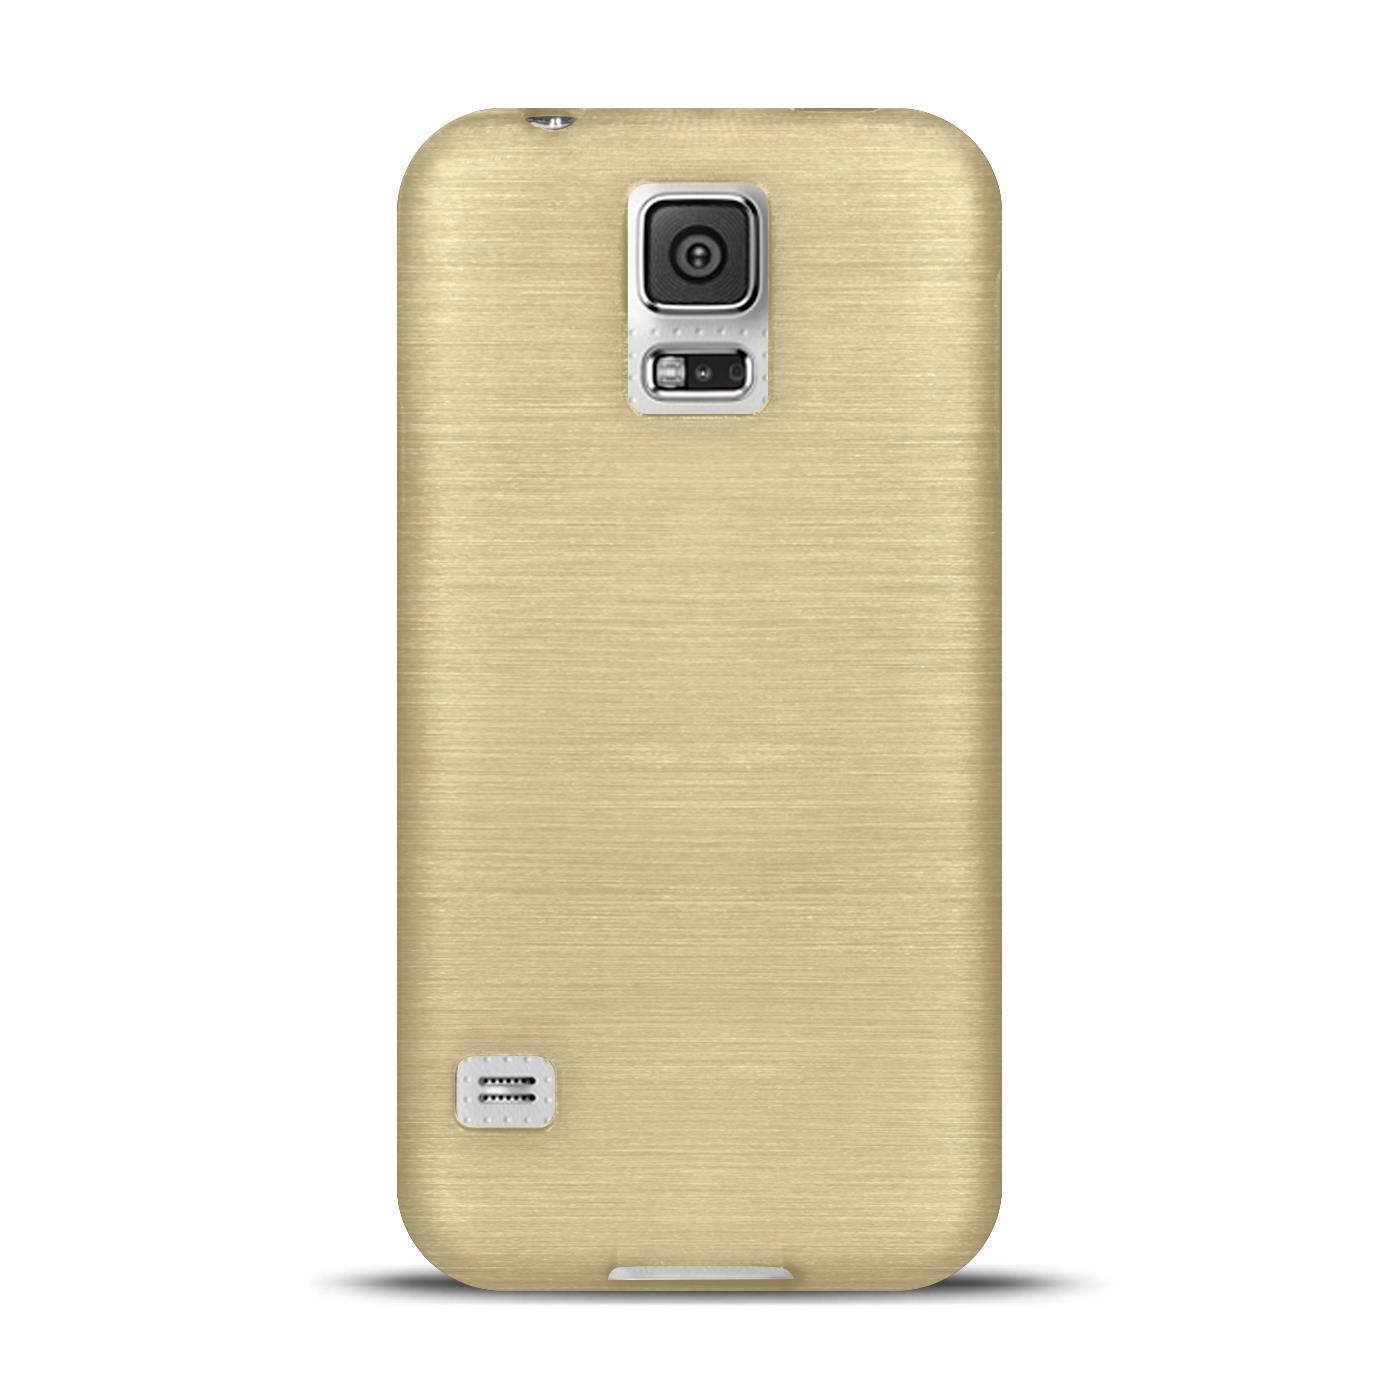 Silikon-Bumper-Case-Samsung-Galaxy-s5-Neo-duenne-ultra-slim-Stossfeste-Rueckschale Indexbild 14